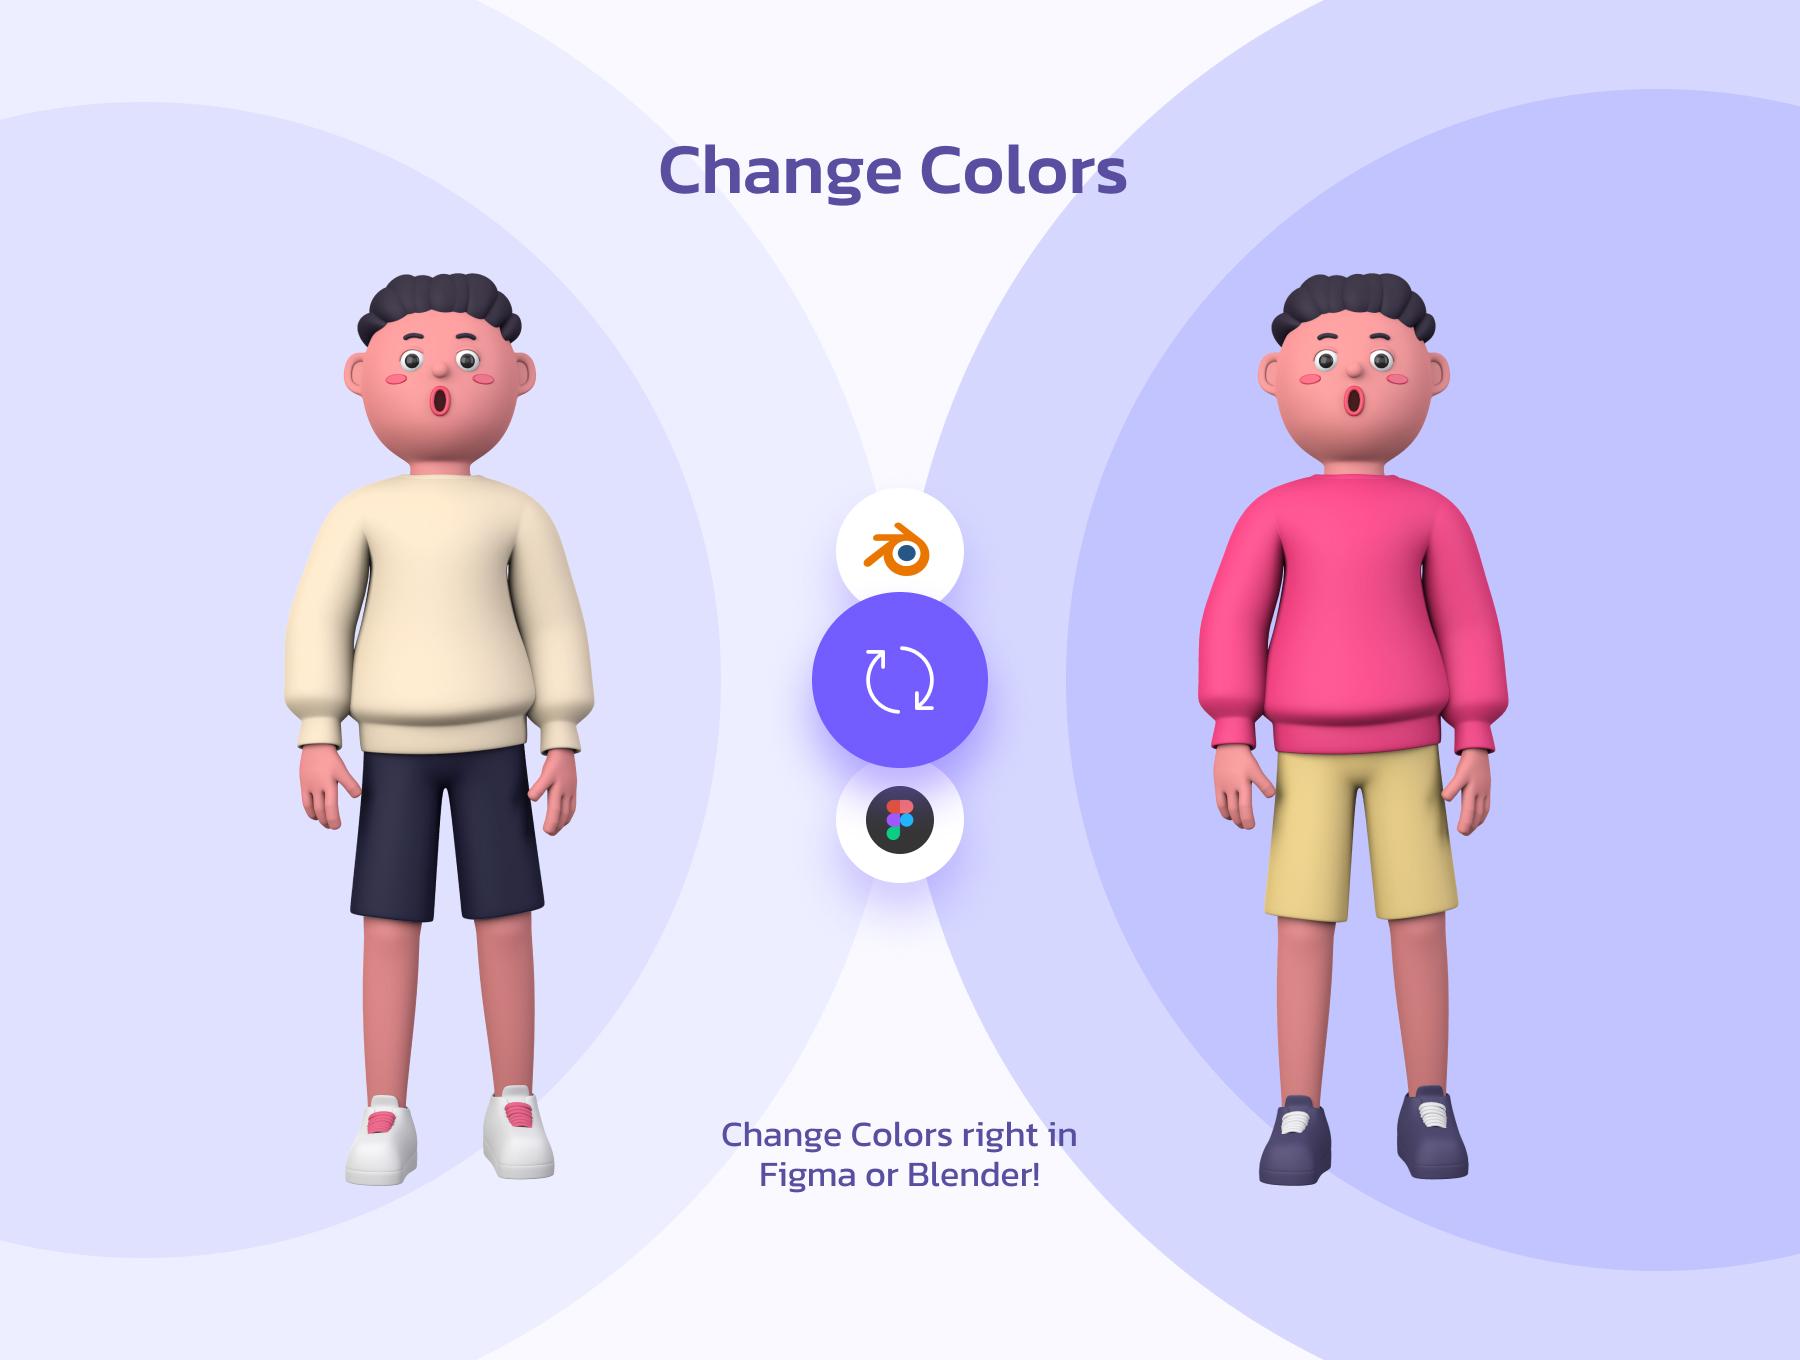 创意潮流卡通人物办公场景APP UI设计3D图标素材包 OUUU!!! 3D Illustration插图4